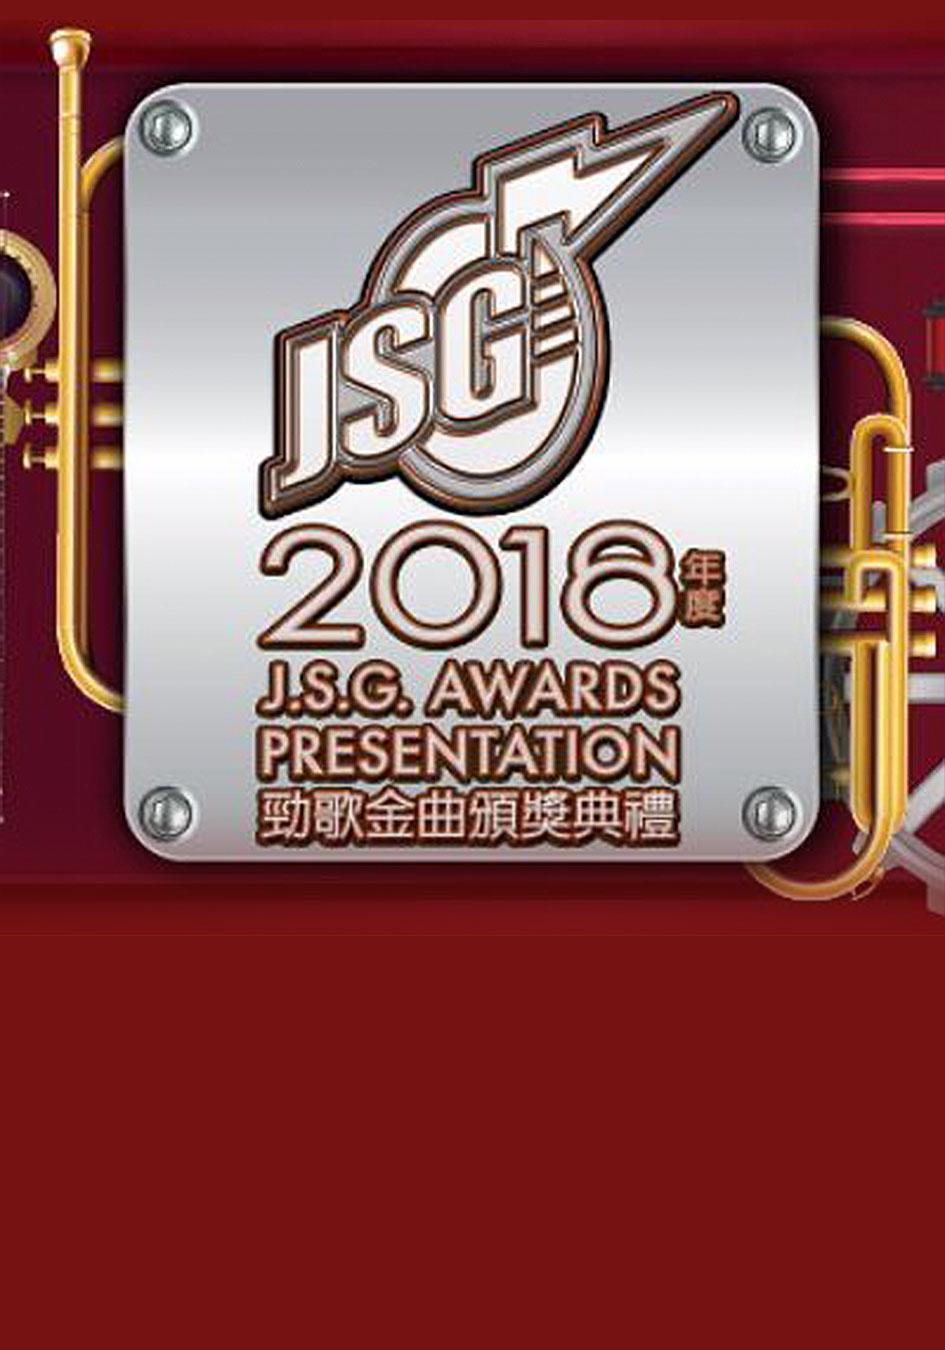 2018年度勁歌金曲頒獎典禮-J.S.G Awards Presentation 2018